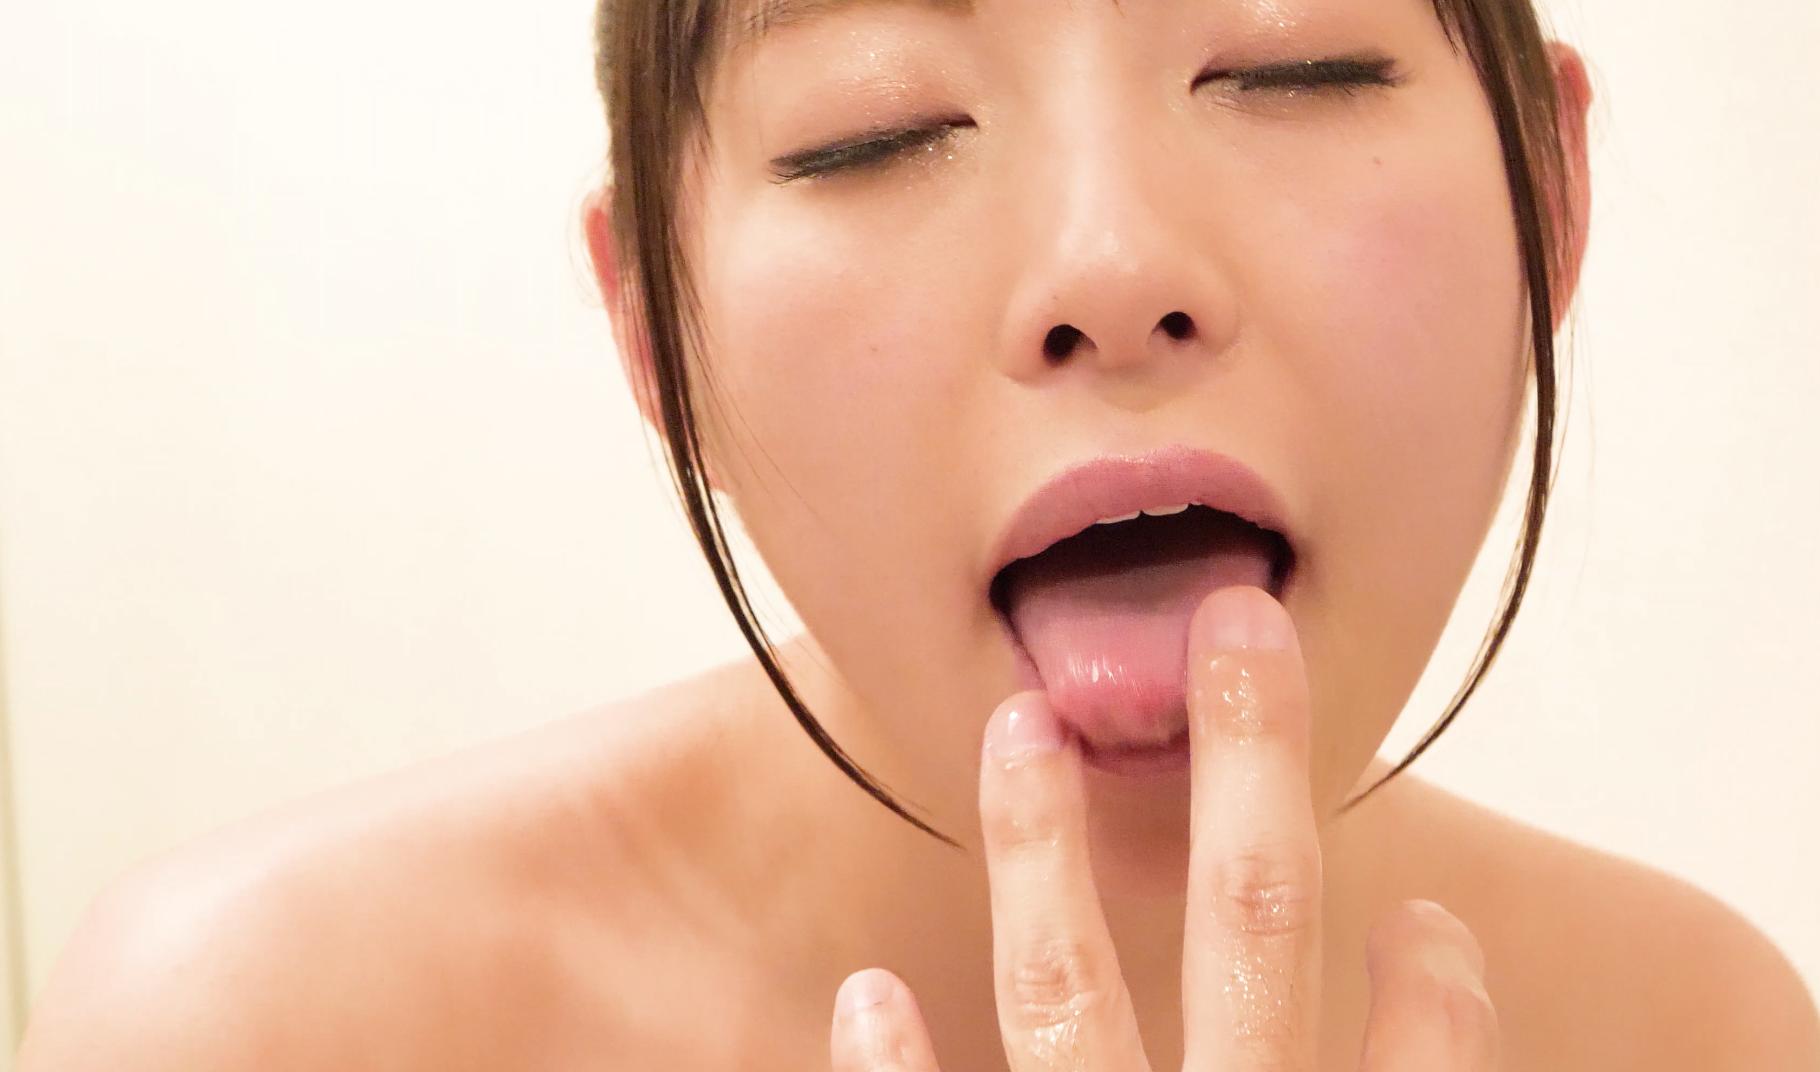 【舌フェチ】大人気女優あおいれなチャンの舌フェチ動画!(パッケージ画像)